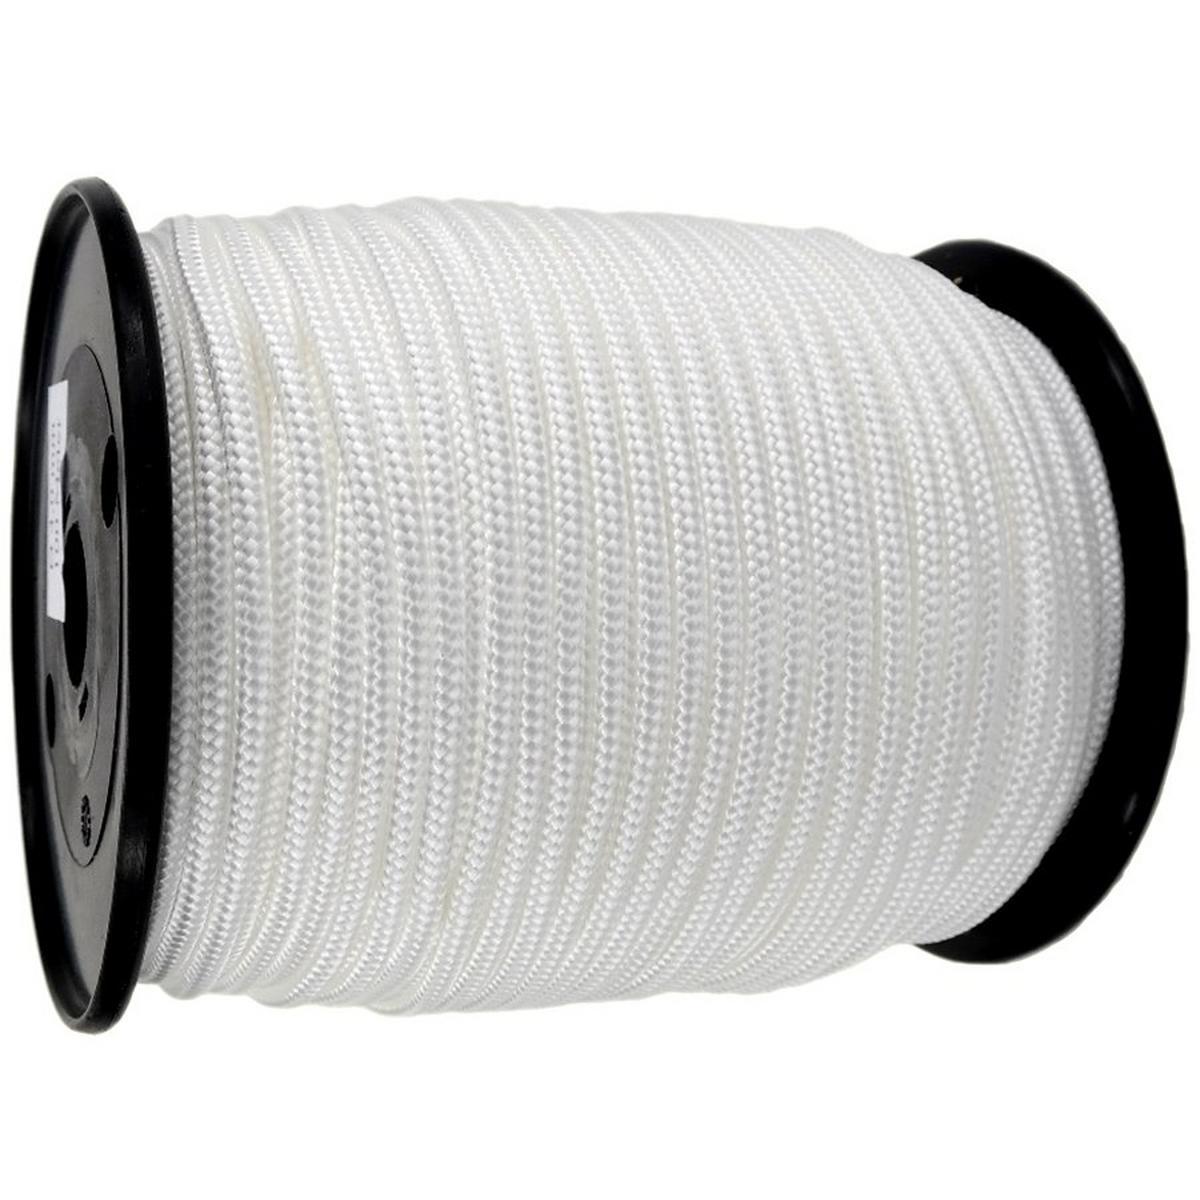 Tendon Gumolano PES Cord 5mm - White